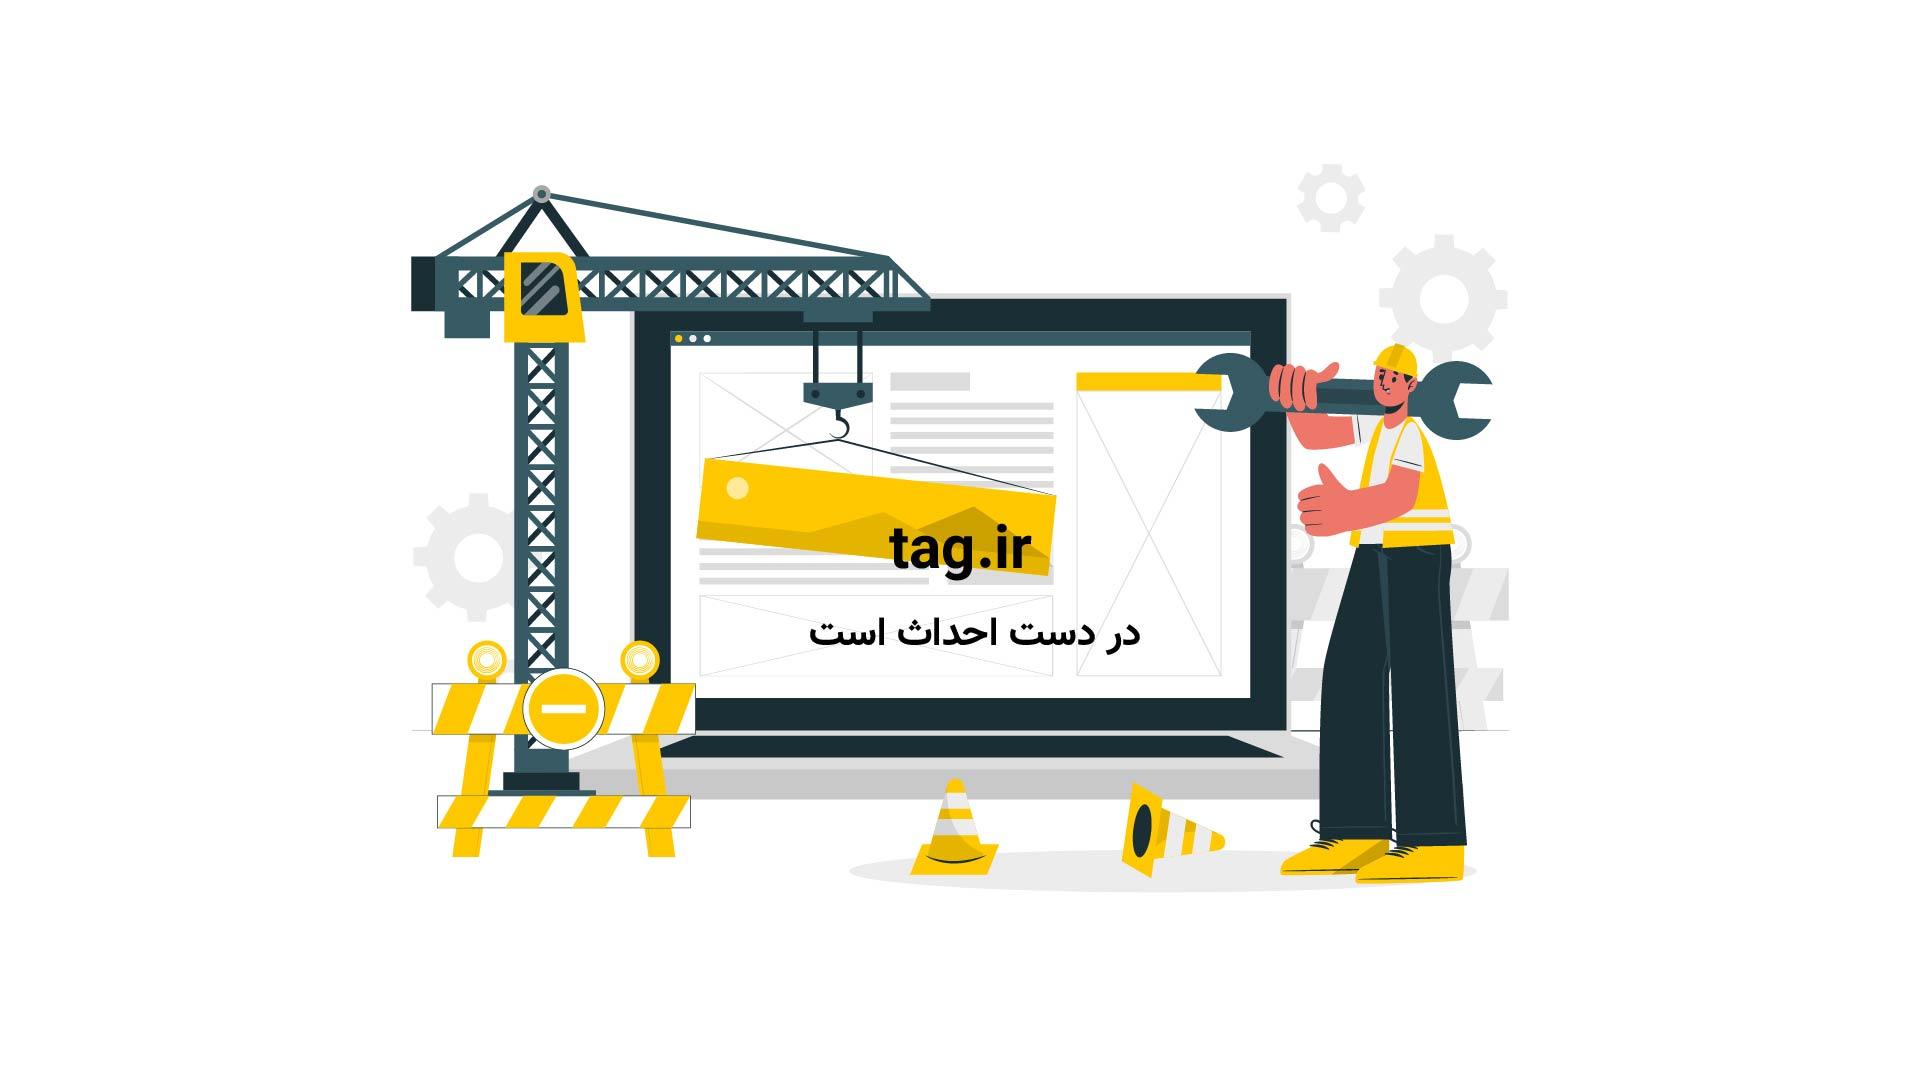 ربات-اطلس | تگ